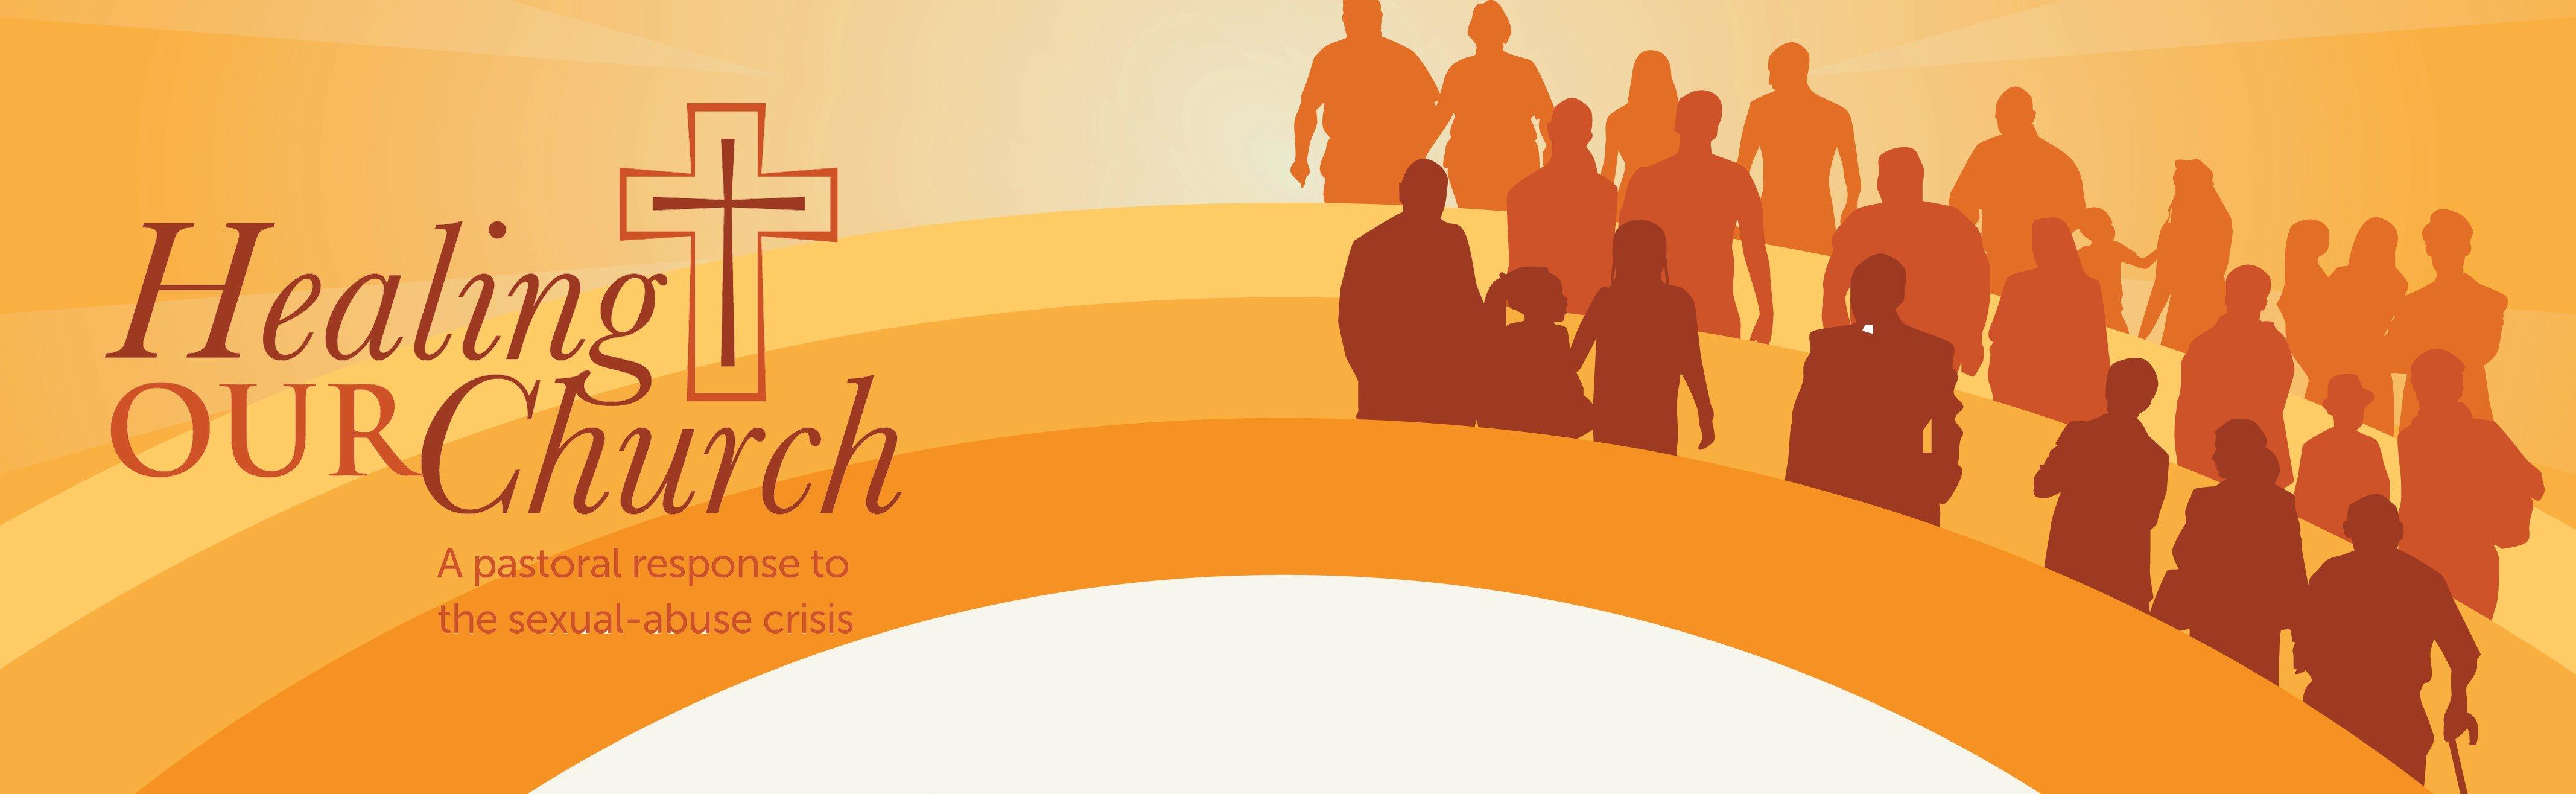 Healing Our Church web header